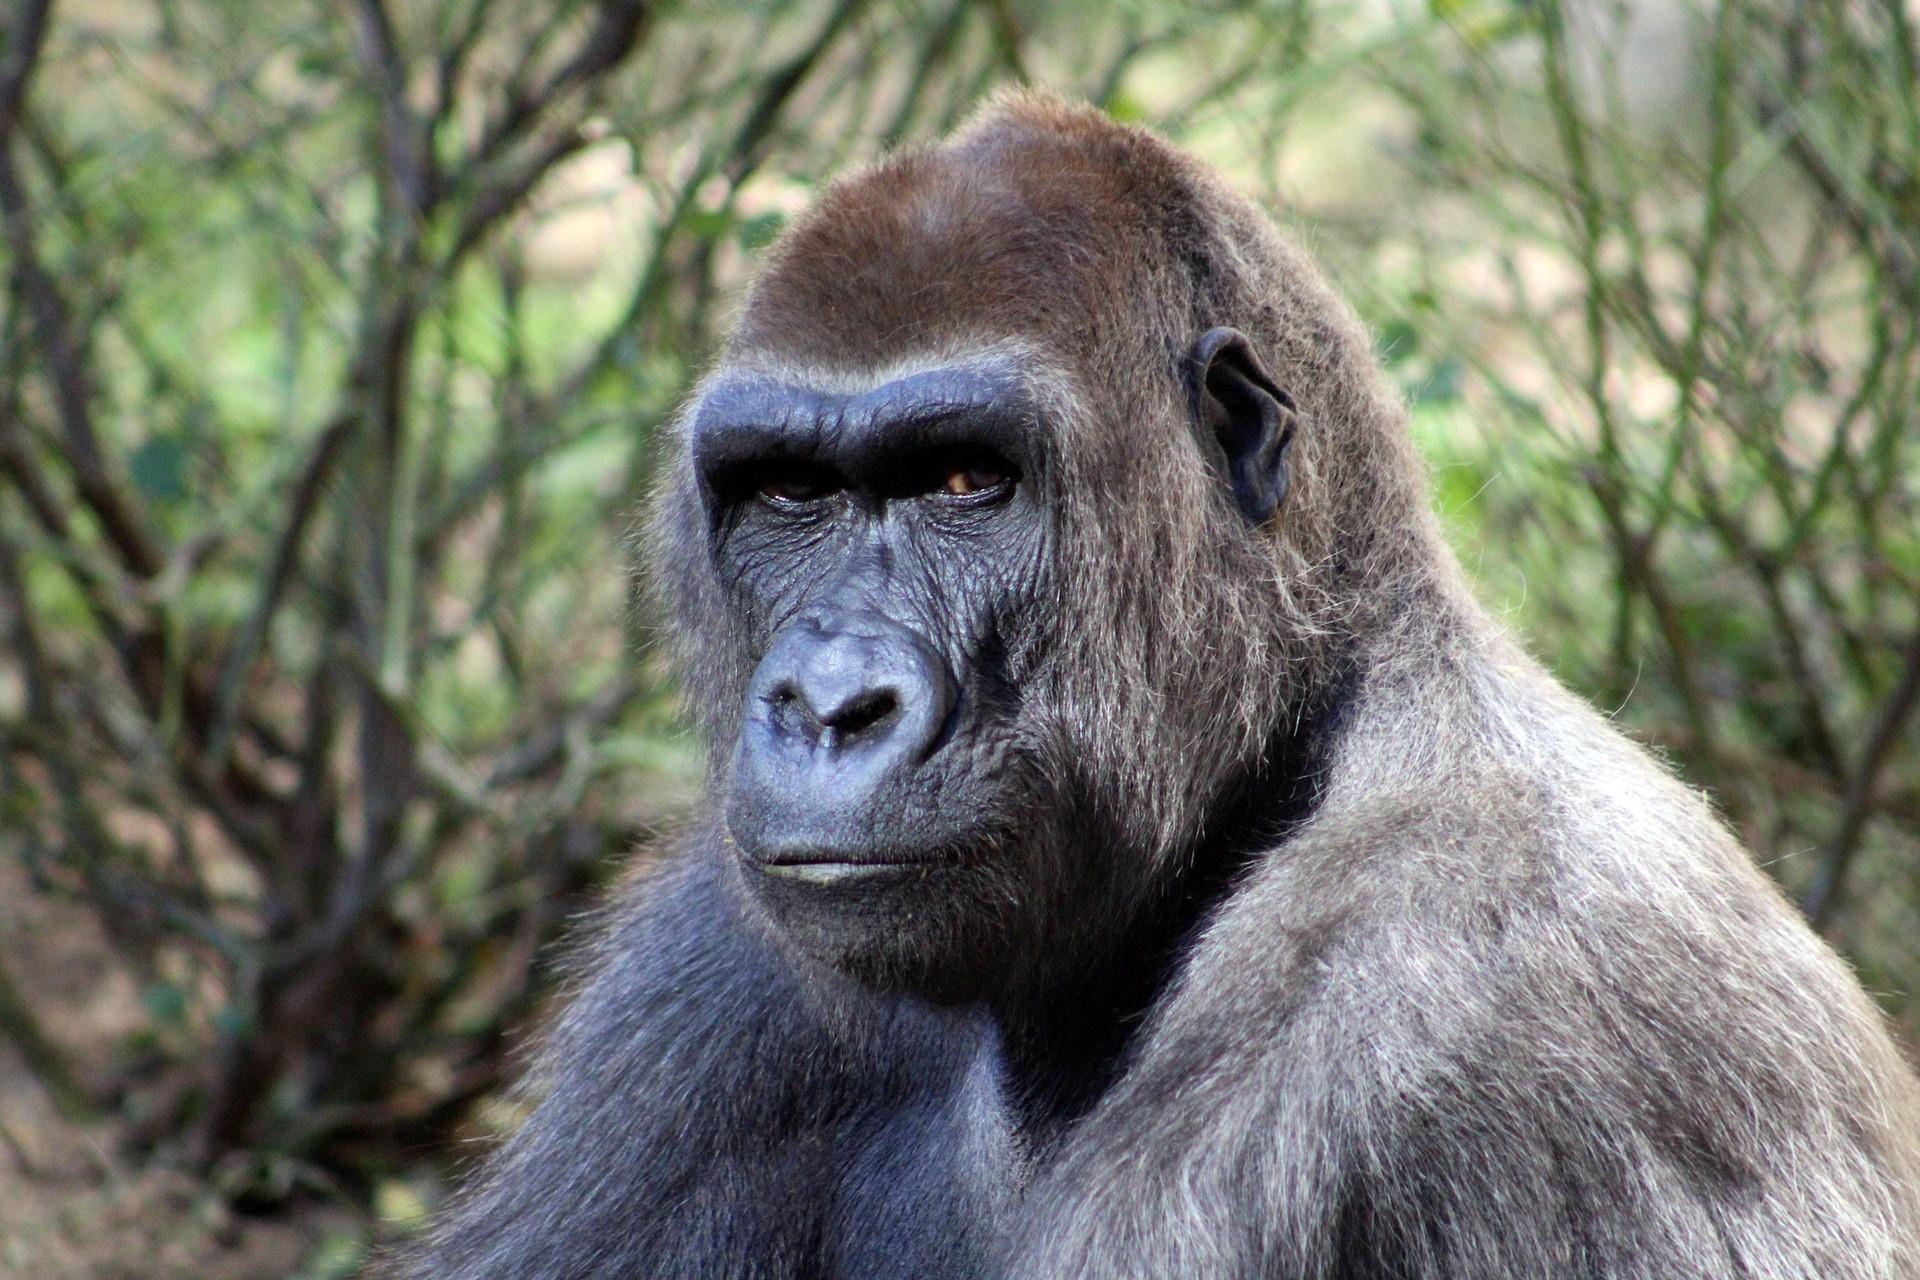 Cientistas descobrem como parasita mortal passou de gorilas para humanos - Notícias - Plantão Diário